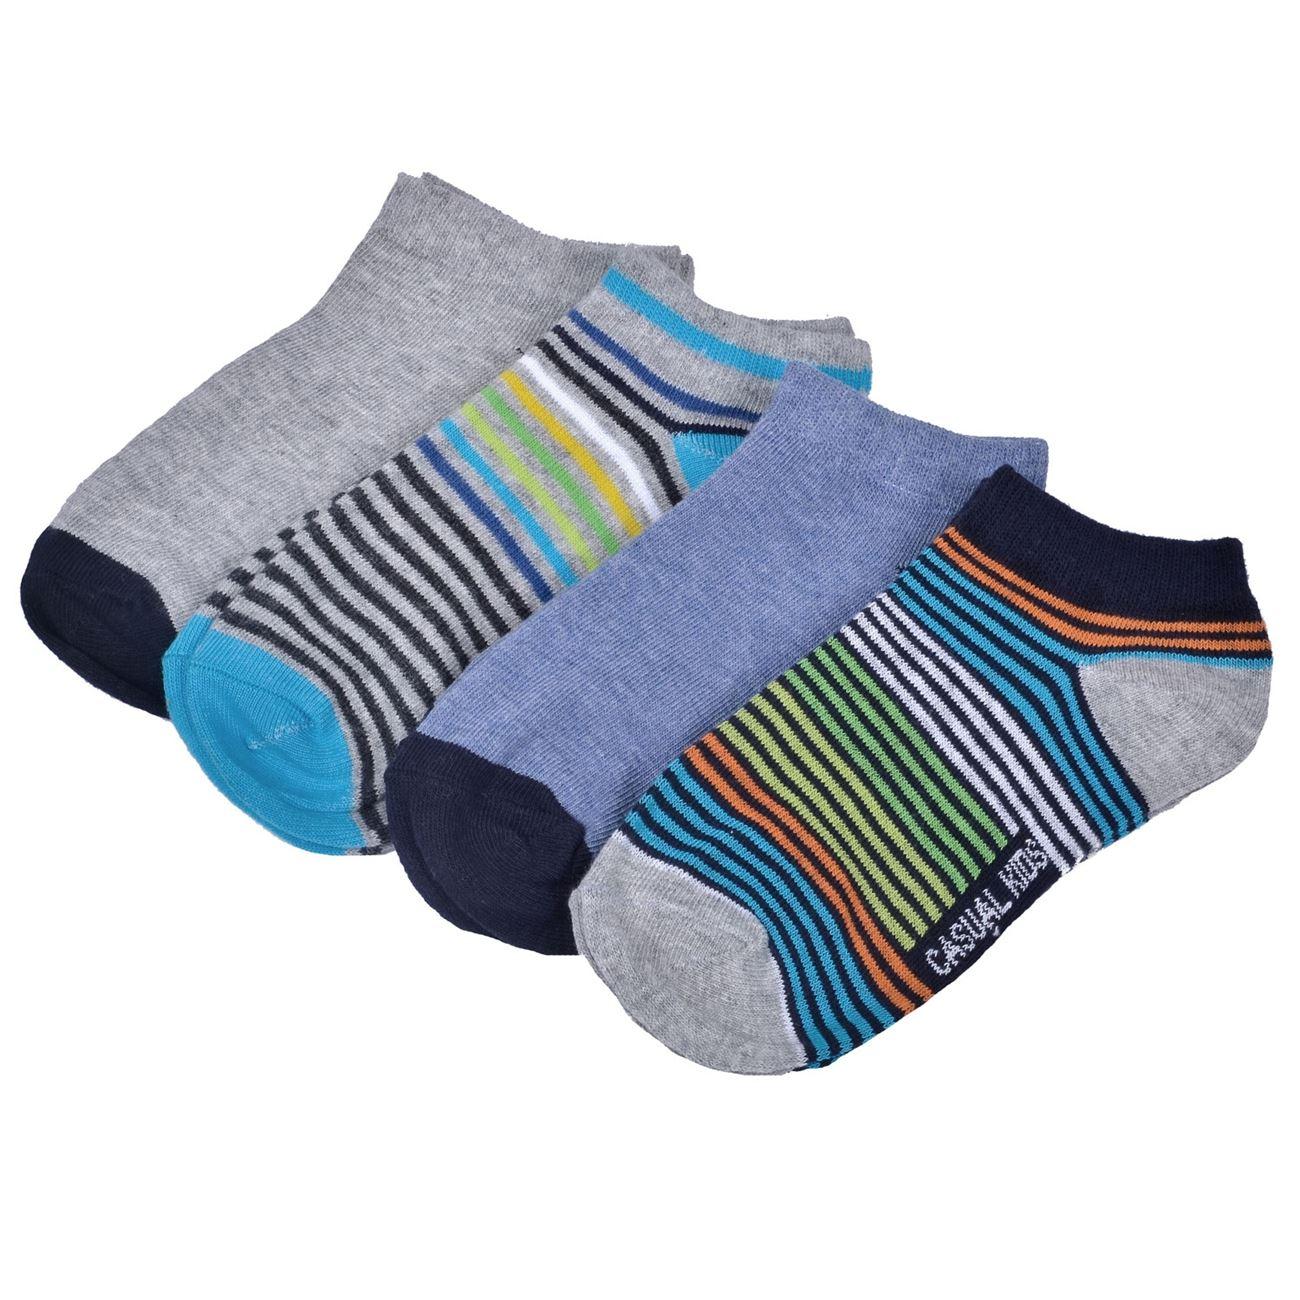 Κάλτσες Παιδικές Σοσόνια Γκρι Μπλε Ριγέ - 4 ζευγ.   Κάλτσες Σοσόνια ... 3dcb18cd78e